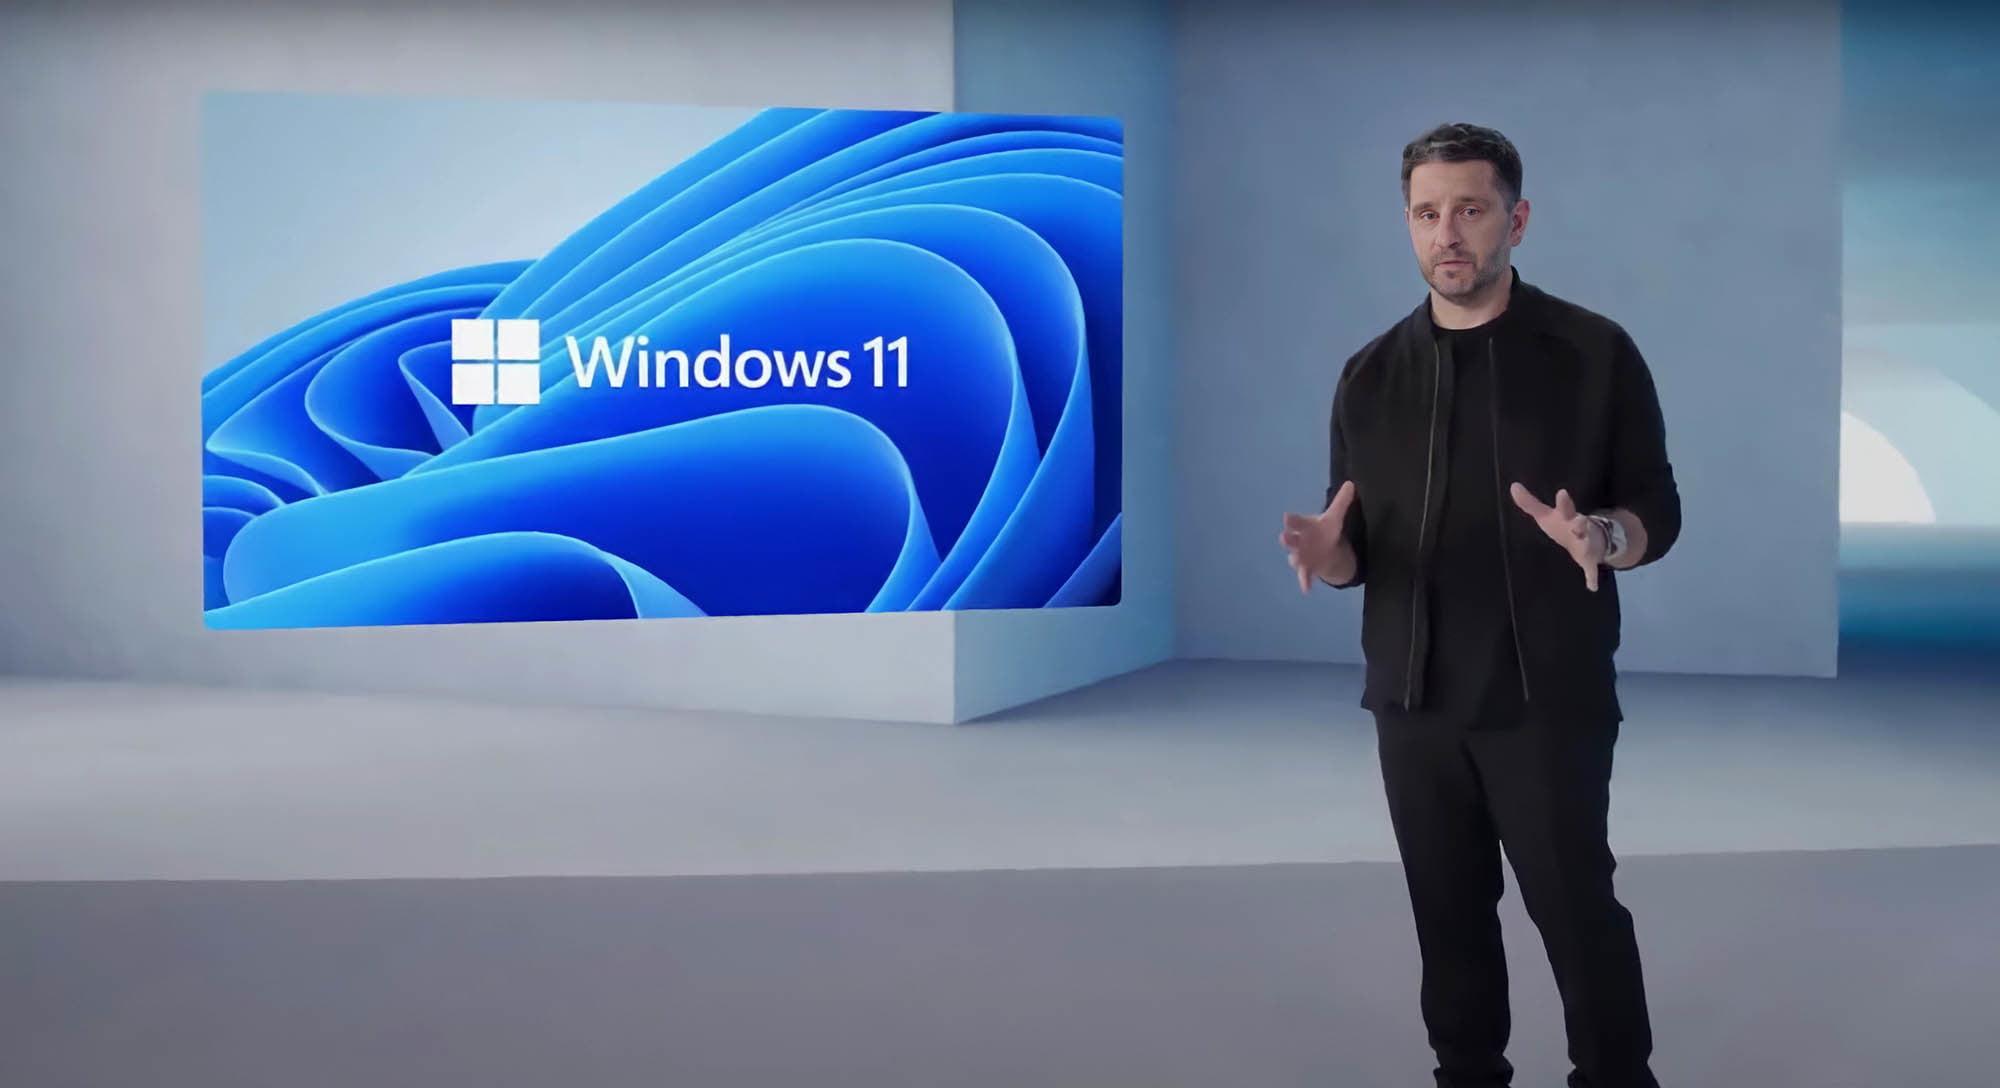 Windows 11 | كل ما تريد معرفته عن ويندوز 11 الجديد 2021